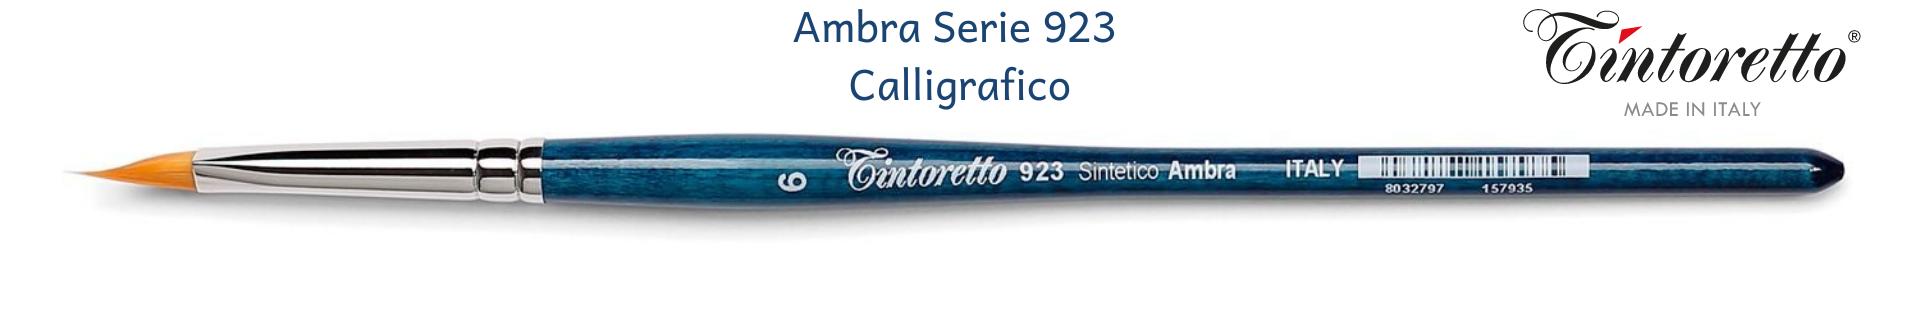 Tintoretto Ambra 923 Calligrafico